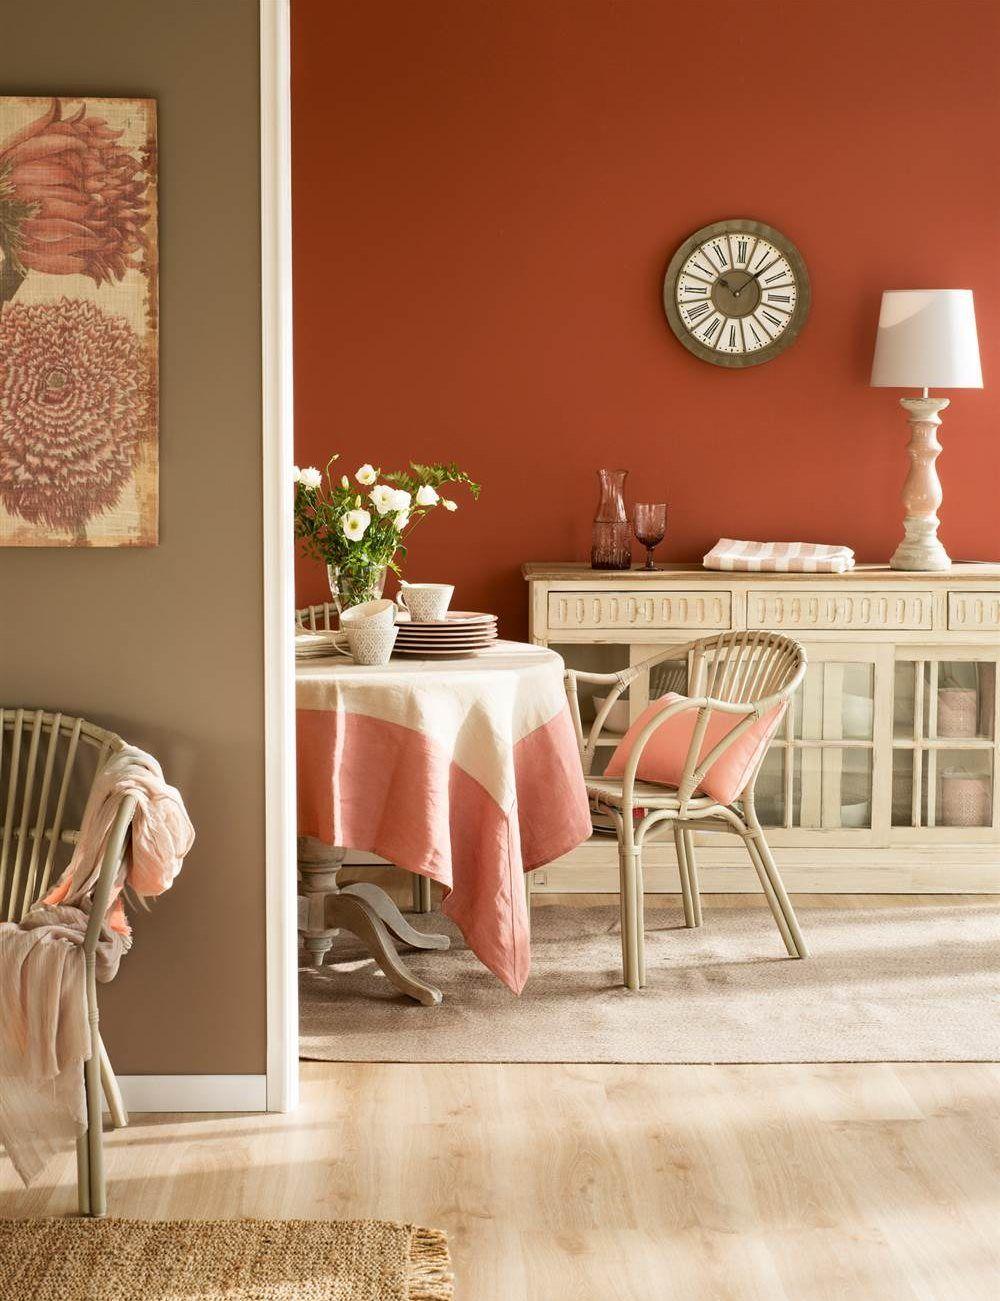 Sabes combinar bien los colores? | colorful decor | Pinterest ...